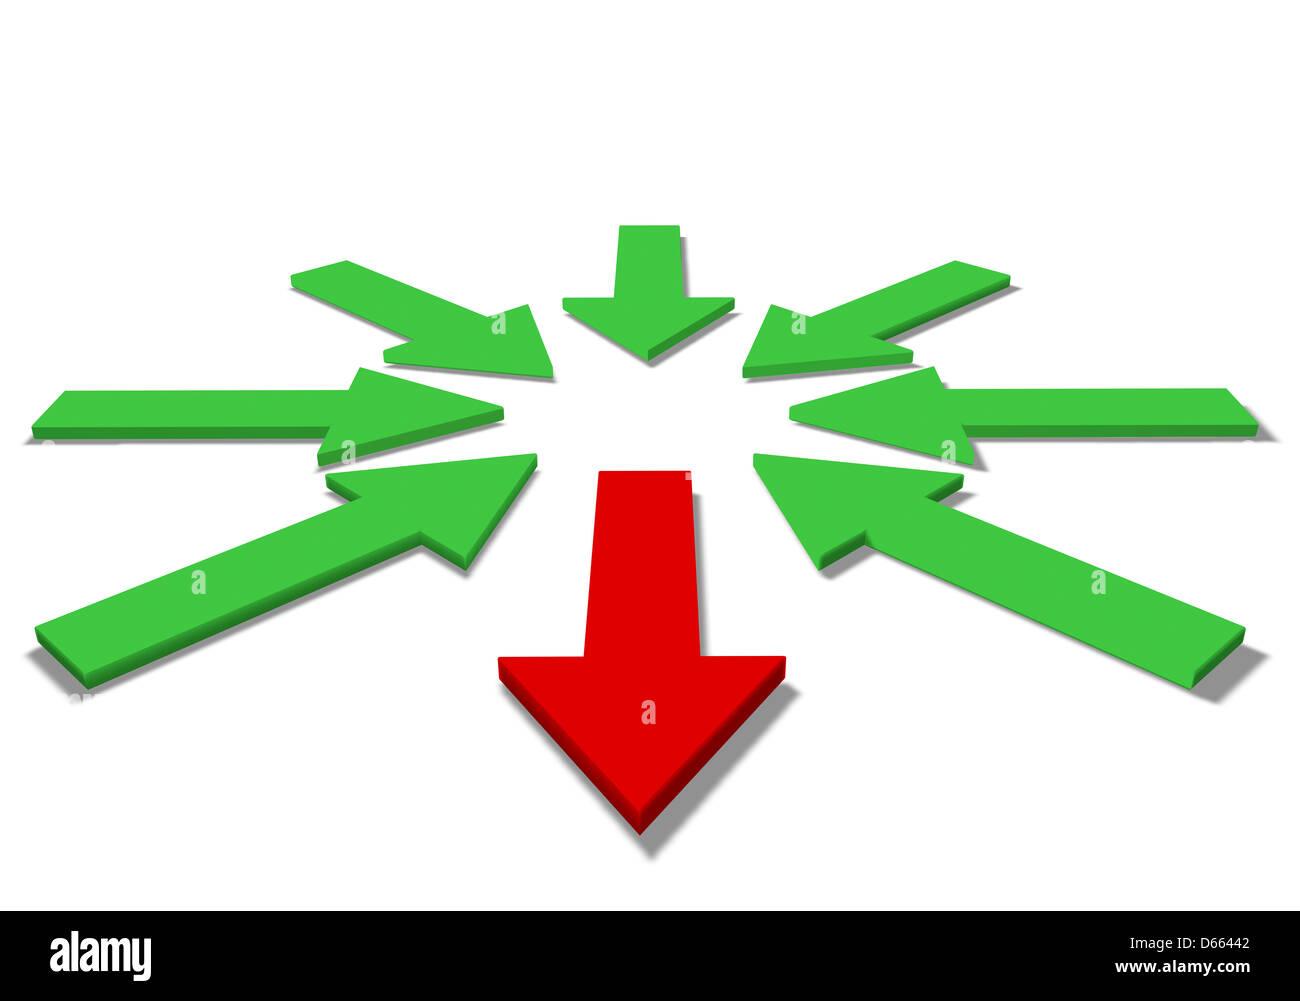 Las flechas verdes y rojas ilustración 3D Imagen De Stock